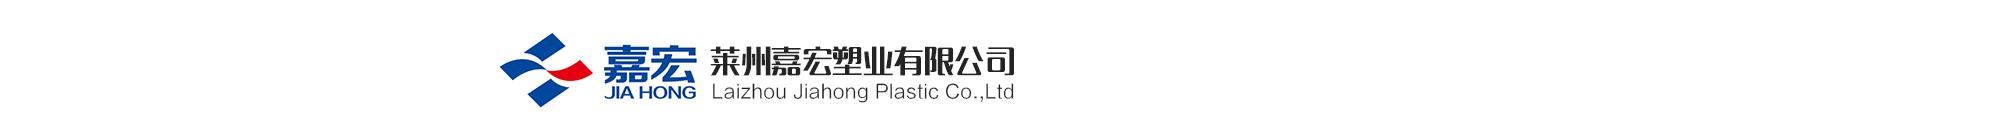 莱州嘉宏塑业有限公司